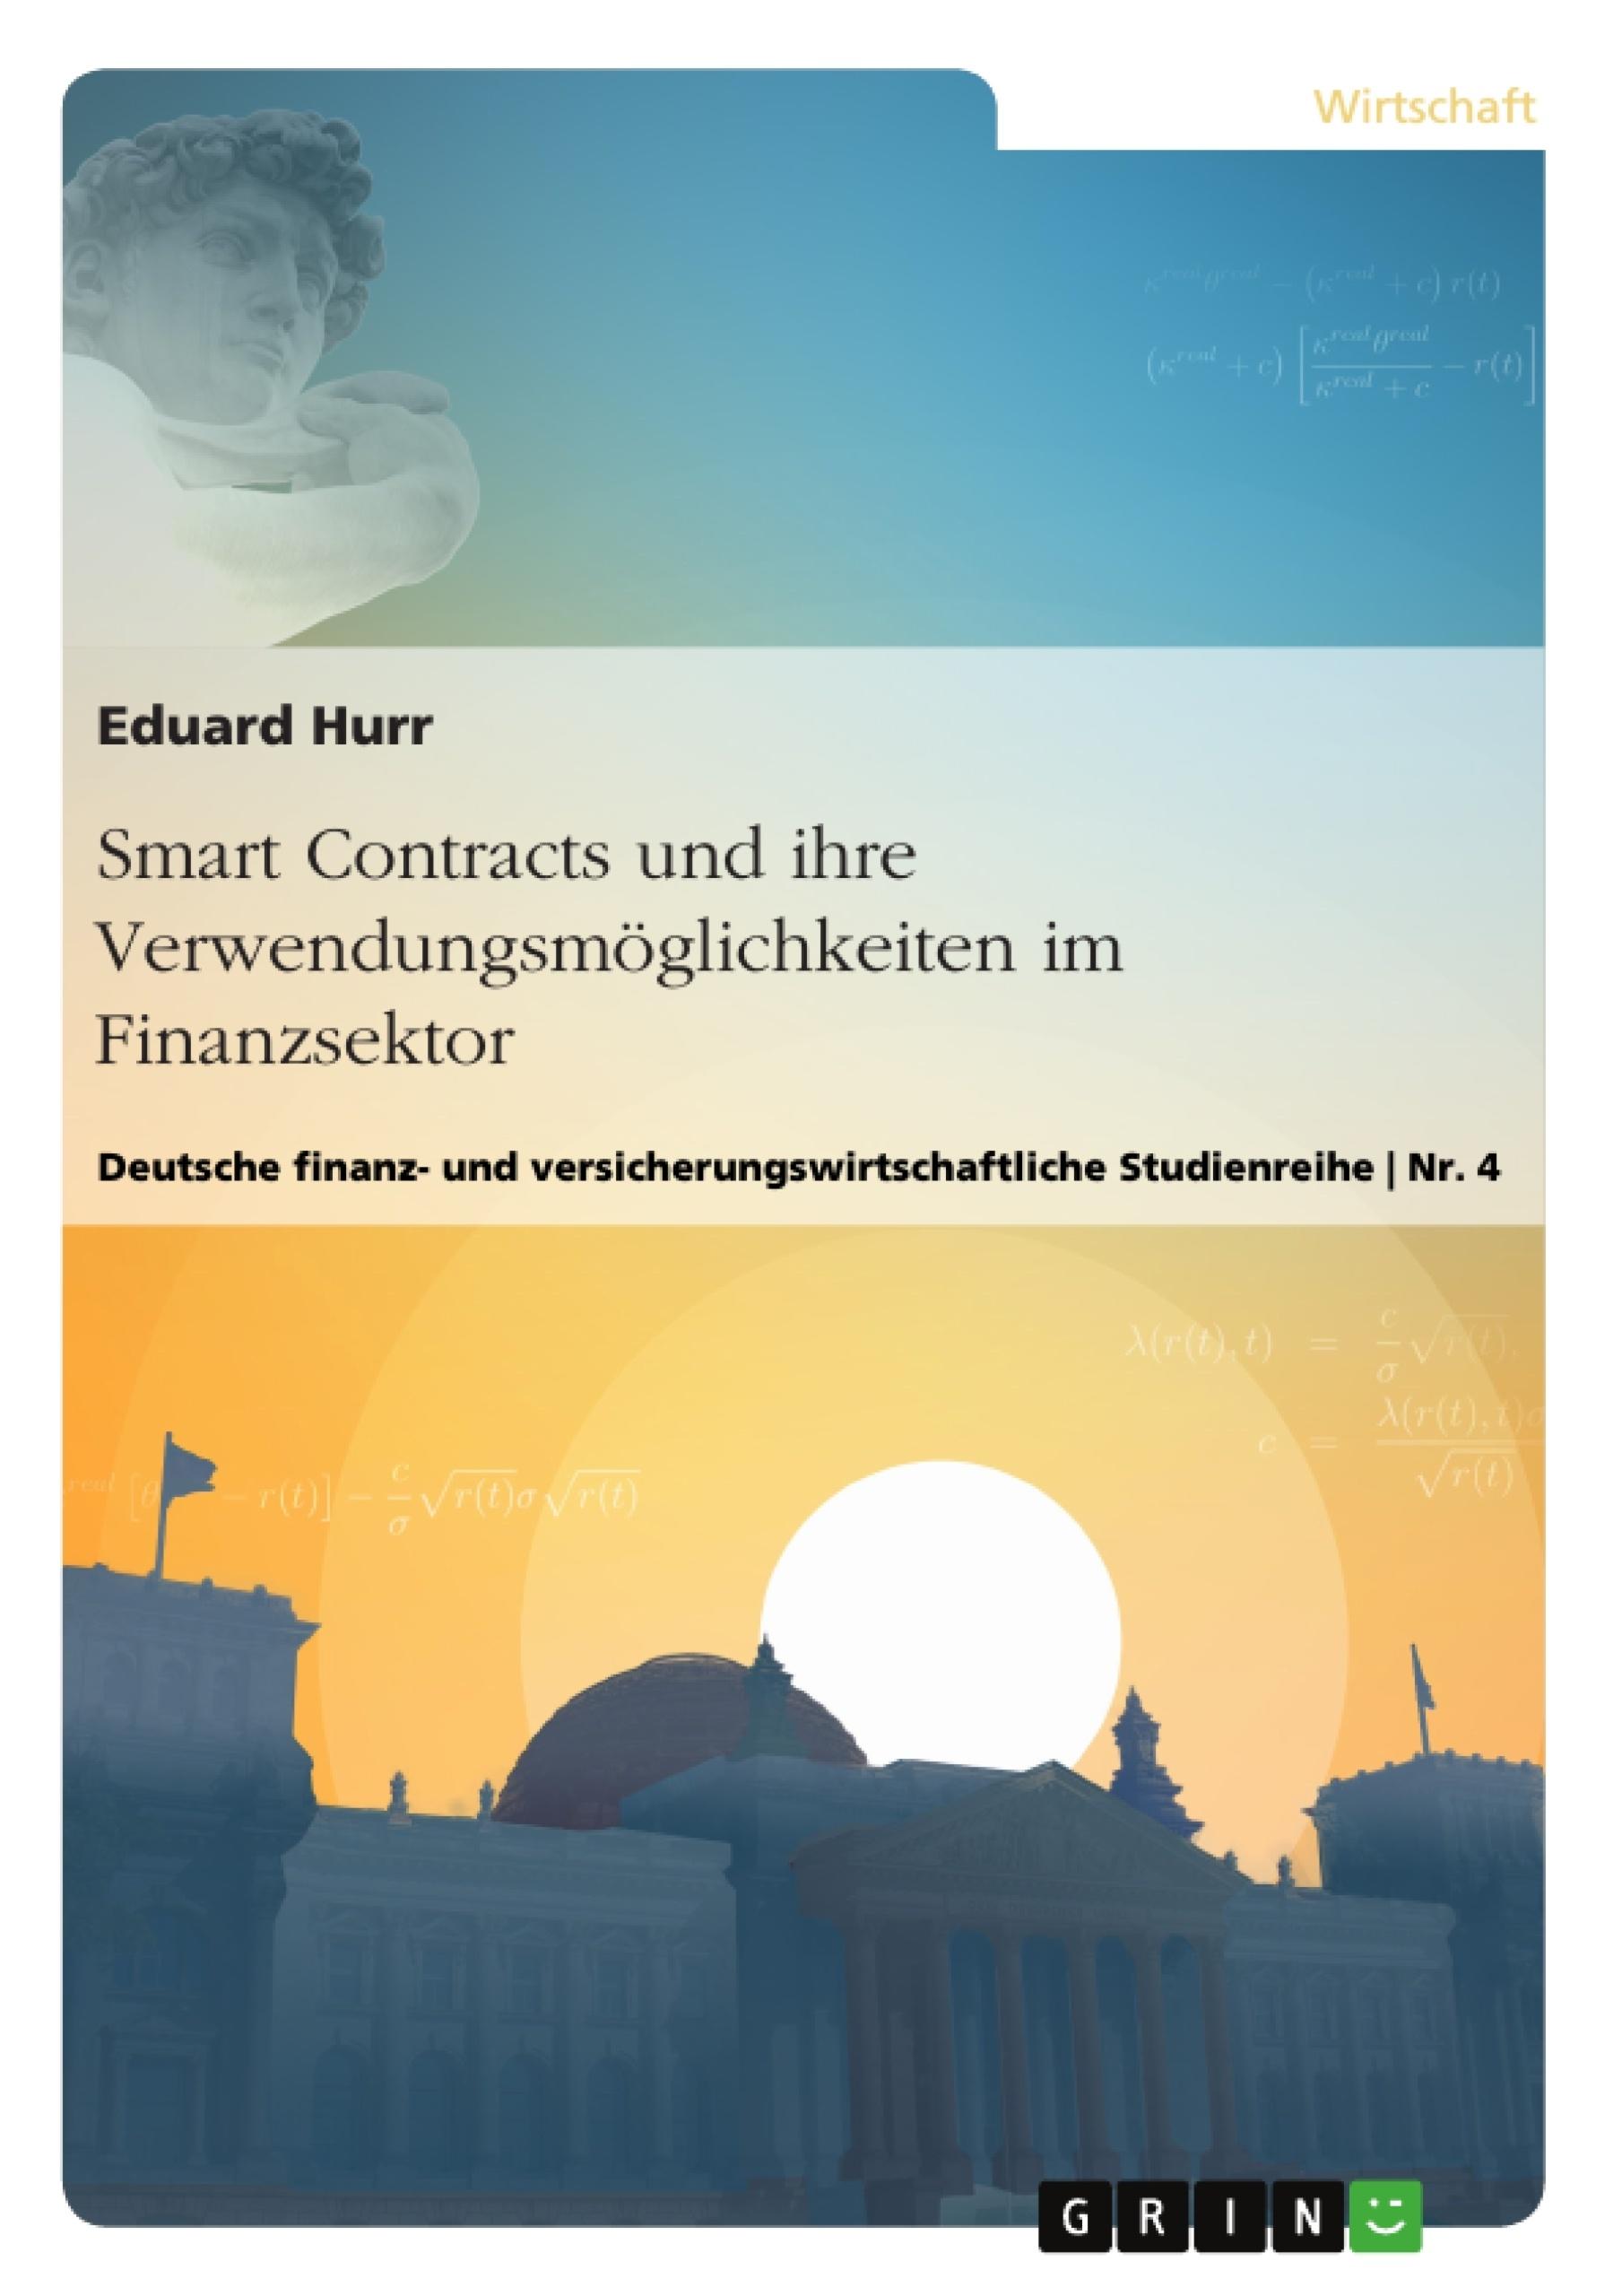 Titel: Smart Contracts und ihre Verwendungsmöglichkeiten im Finanzsektor